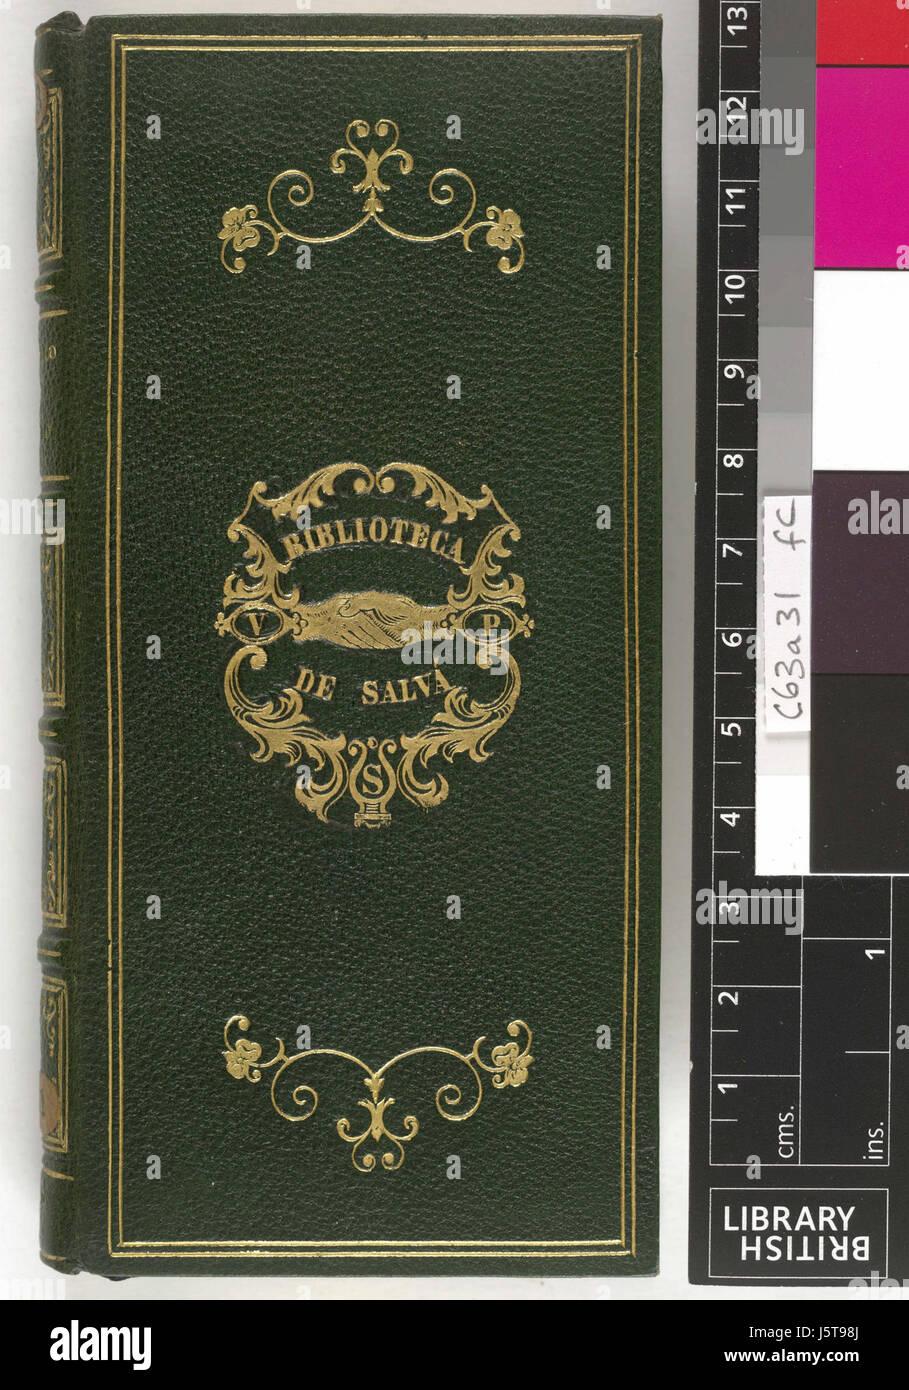 -El sagaz Estacio, marido examinado la cubierta superior (c63a31) Imagen De Stock